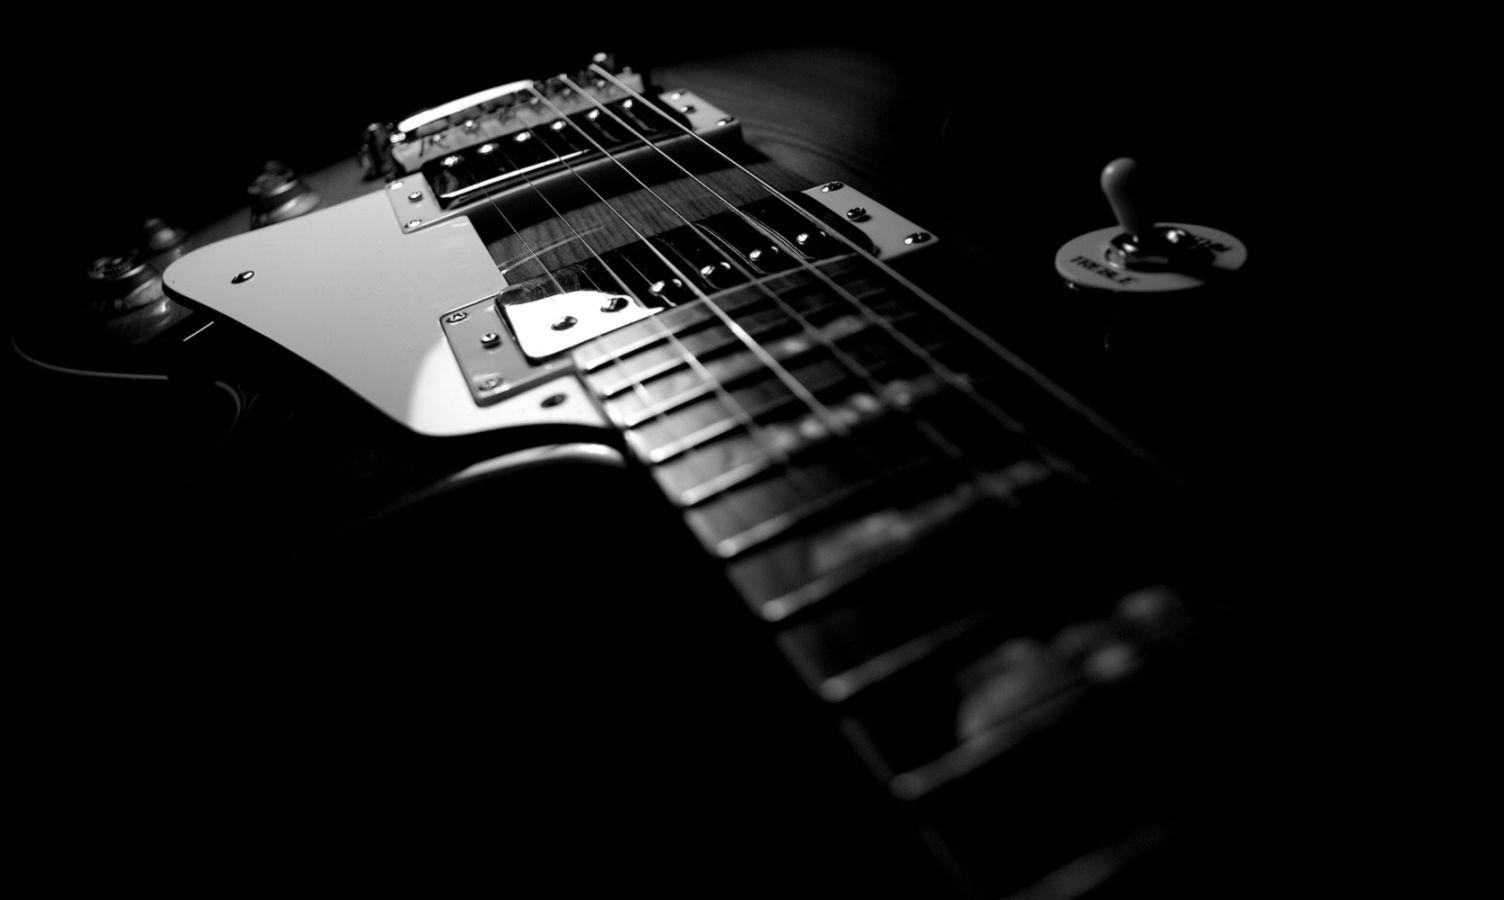 Guitar music black and white les paul hd wallpaper - Epiphone les paul wallpaper ...